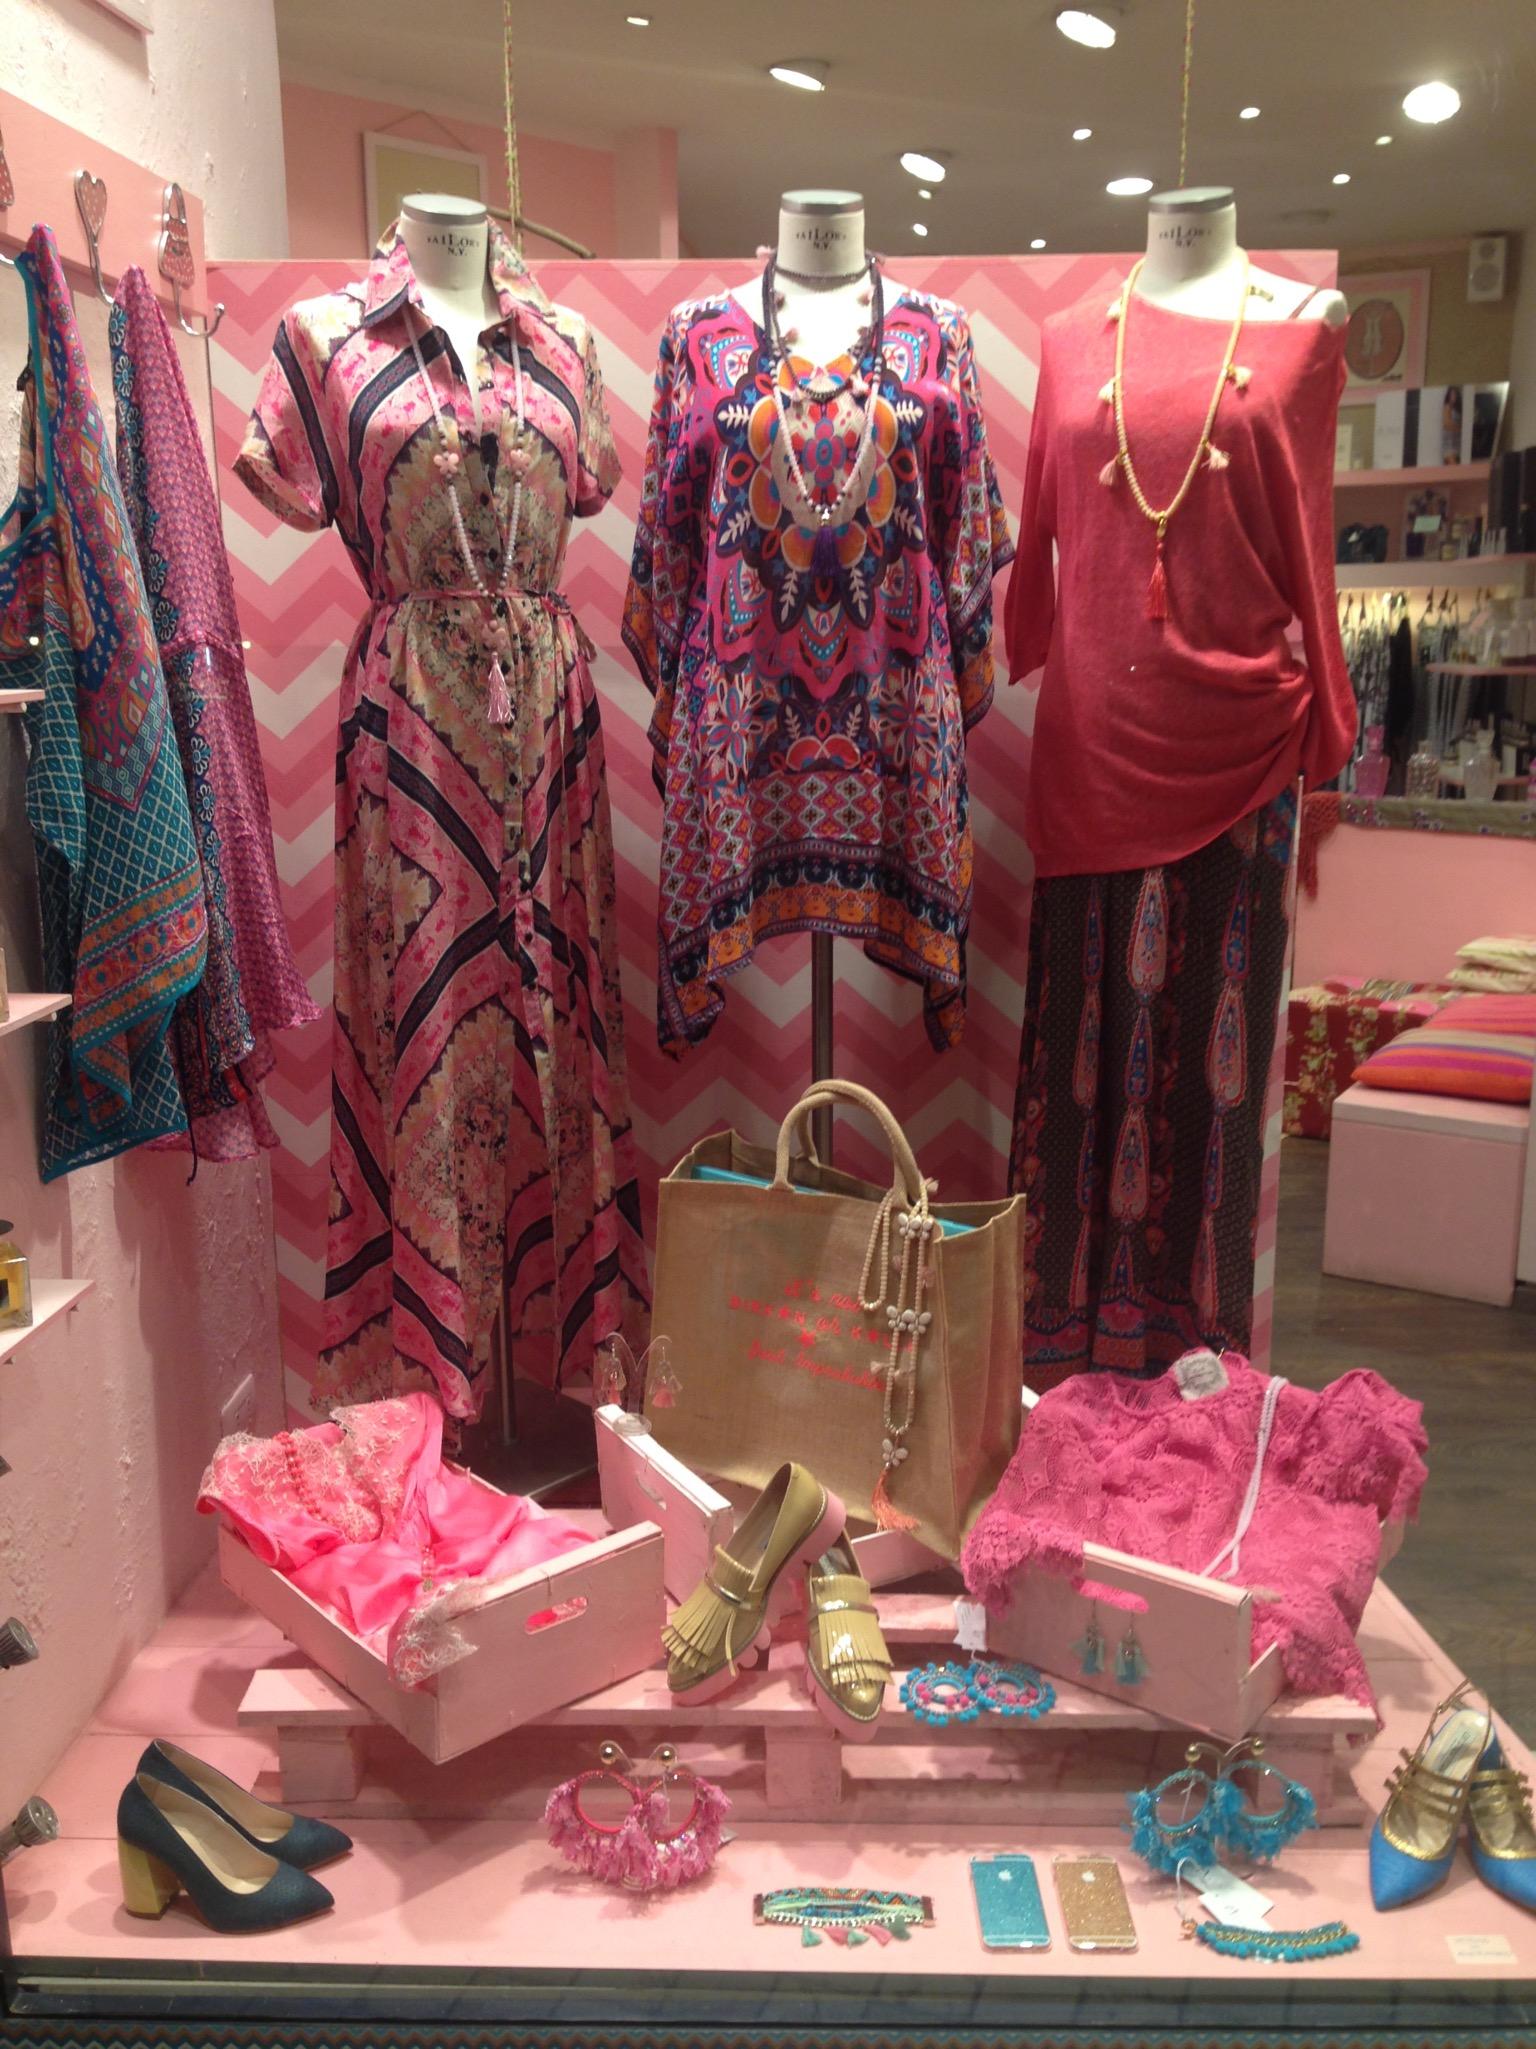 teal rose abbigliamento donna shop online. Black Bedroom Furniture Sets. Home Design Ideas